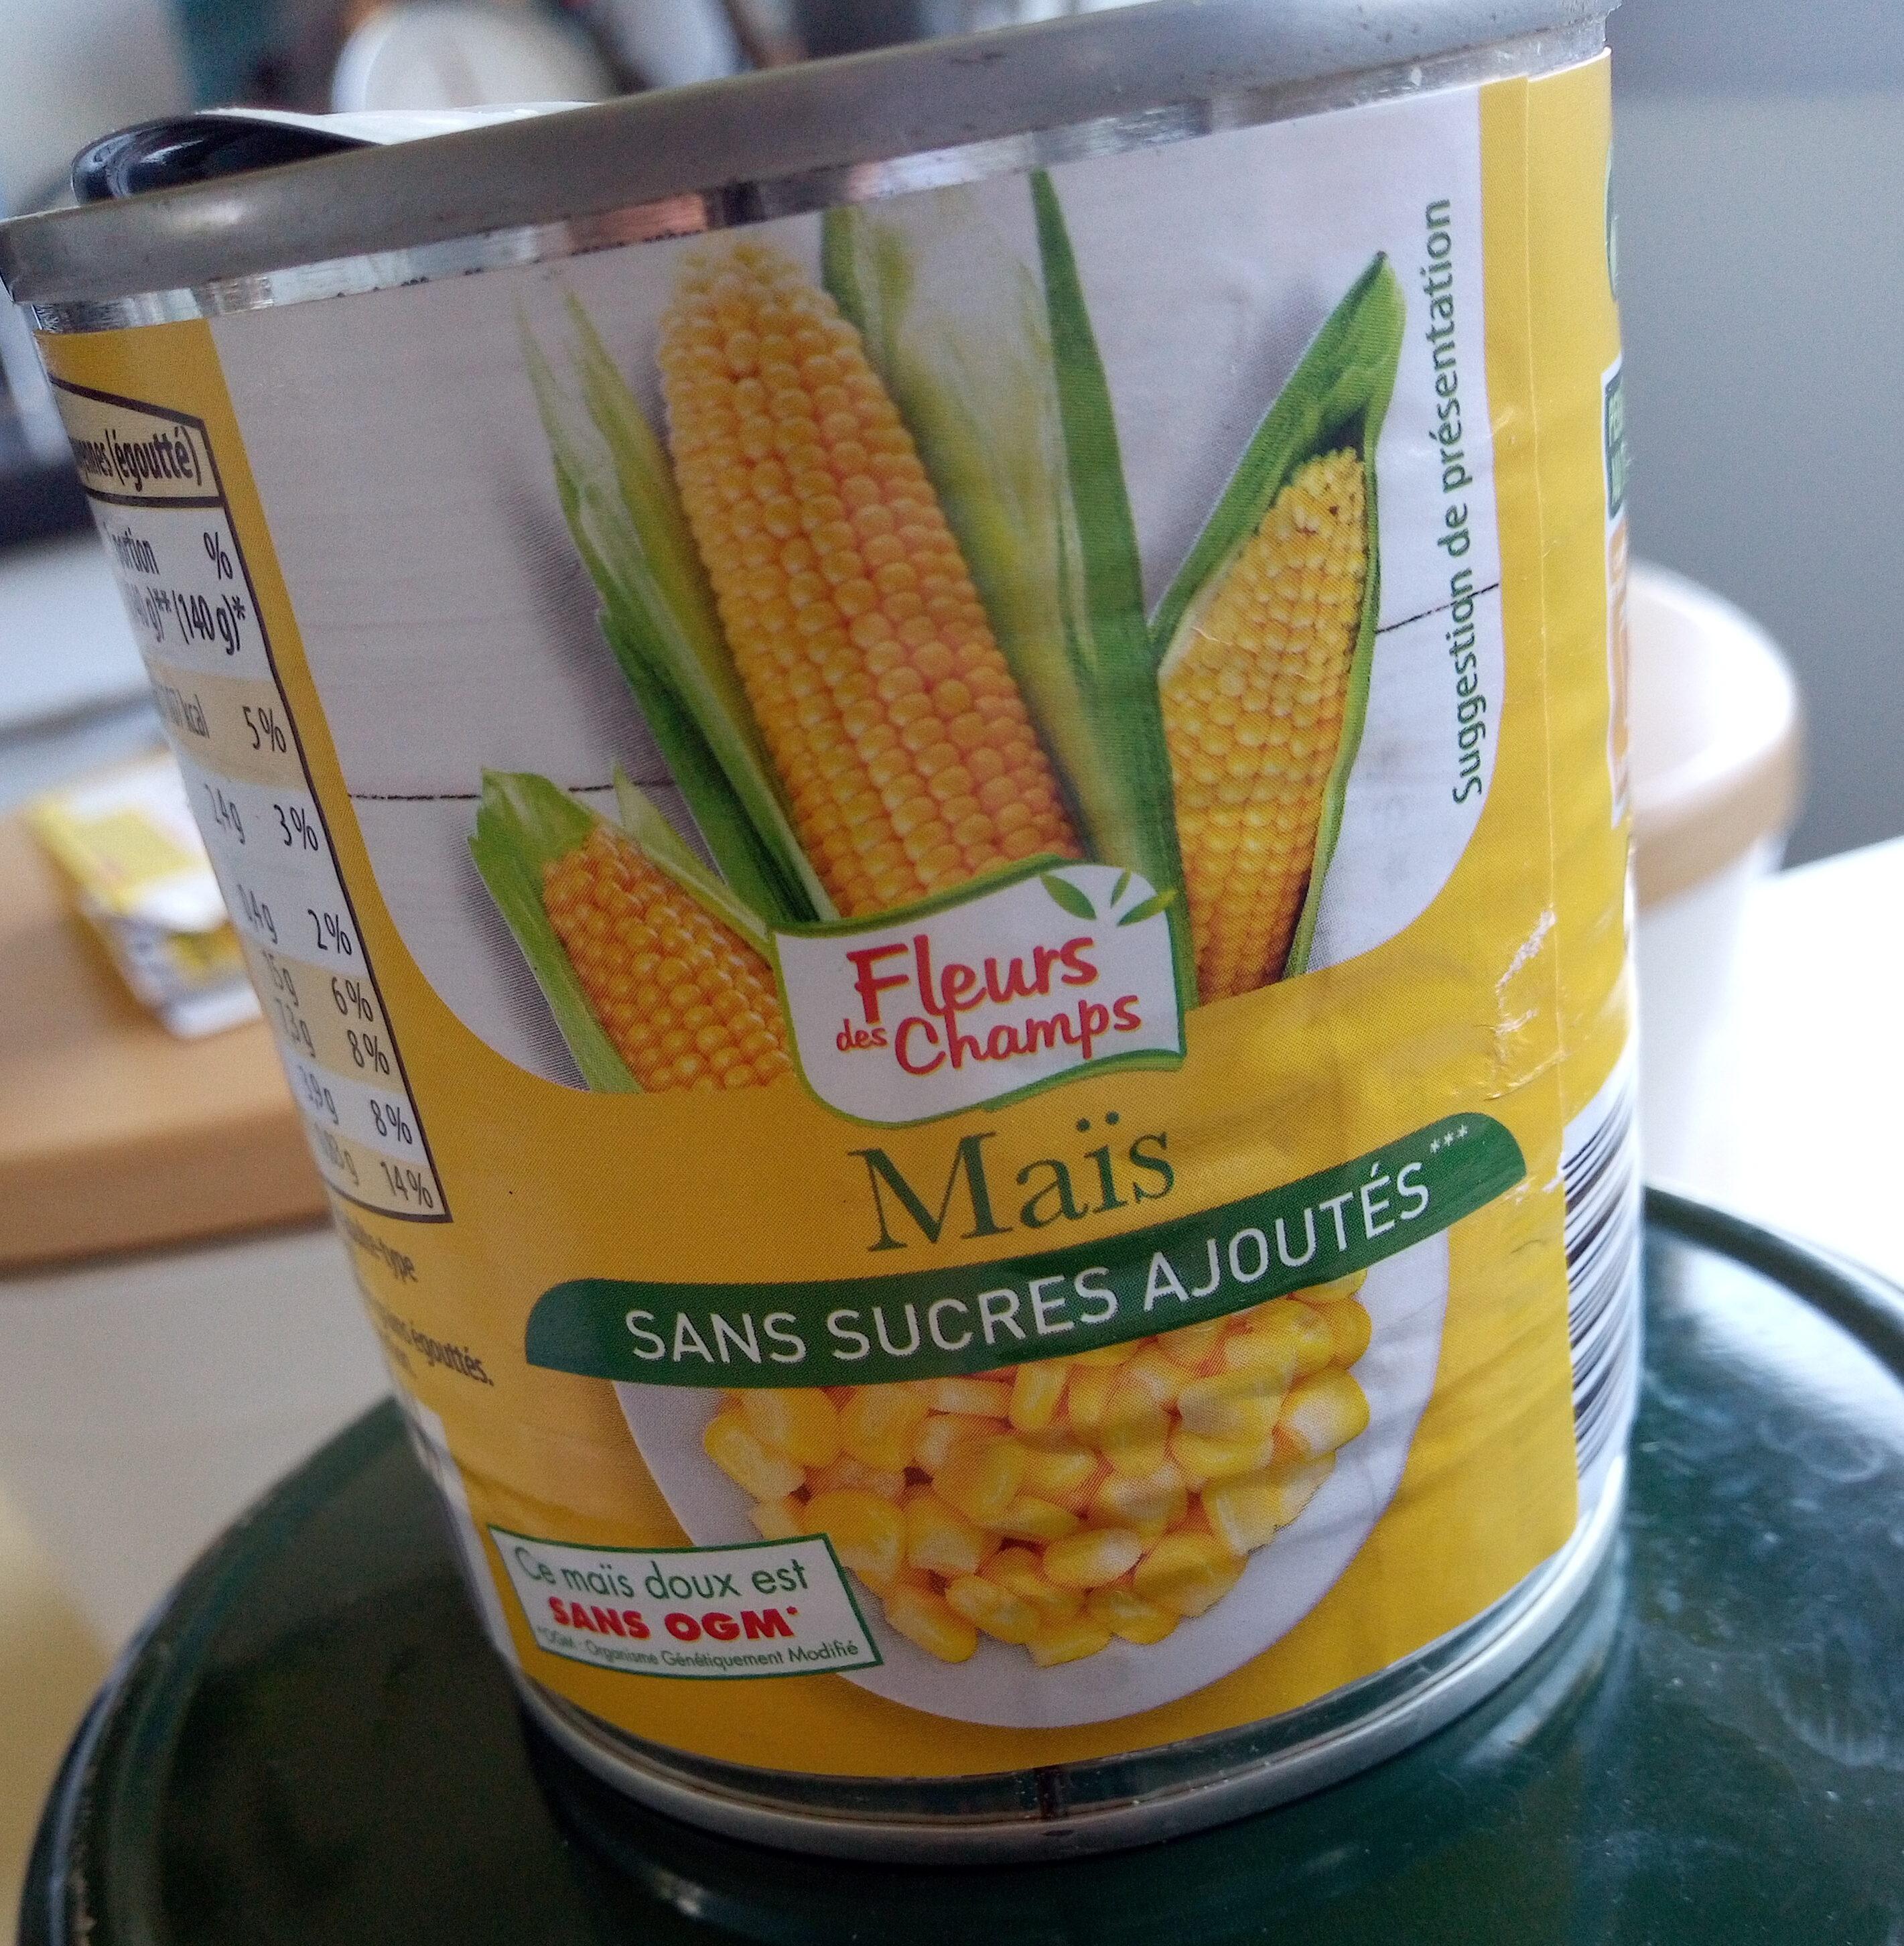 Maïs sans sucres ajoutés - Product - fr